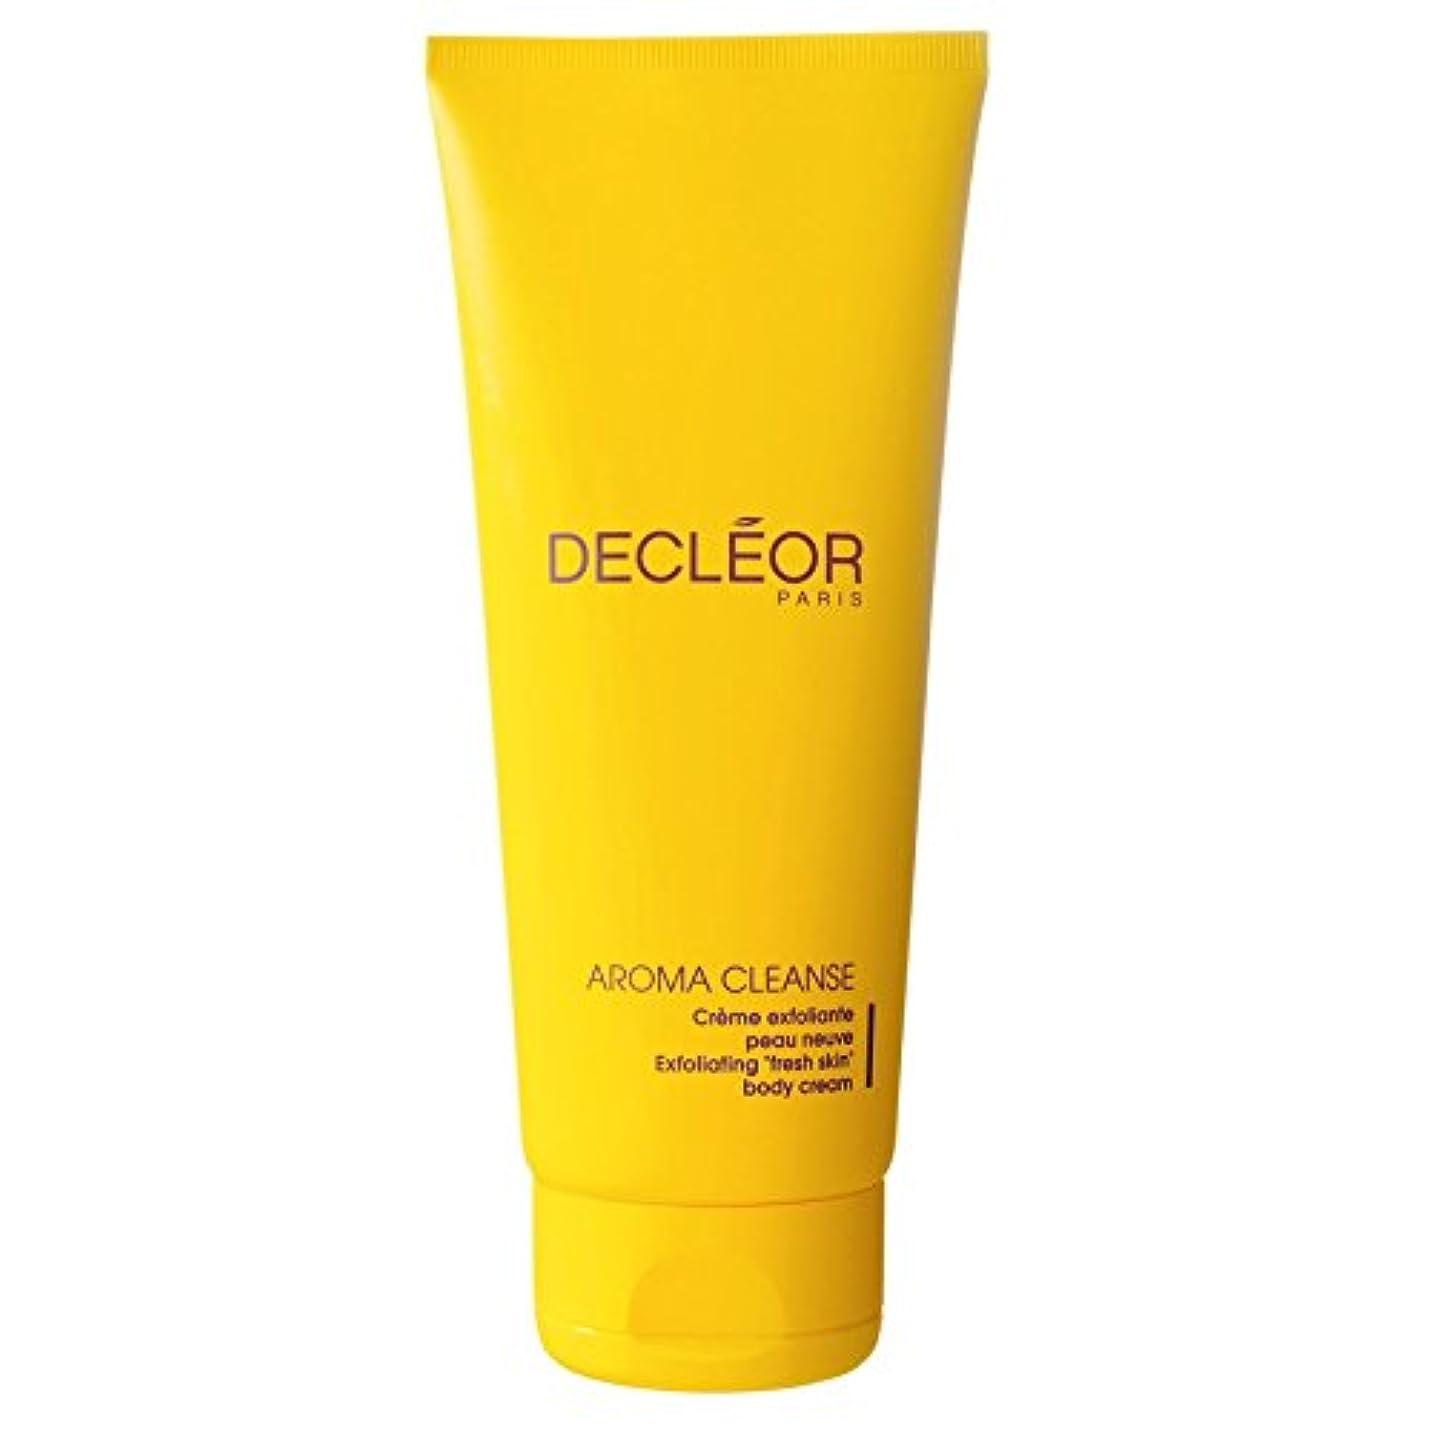 [Decl?or ] デクレオール角質除去ボディクリーム200ミリリットル - Decl?or Exfoliating Body Cream 200ml [並行輸入品]